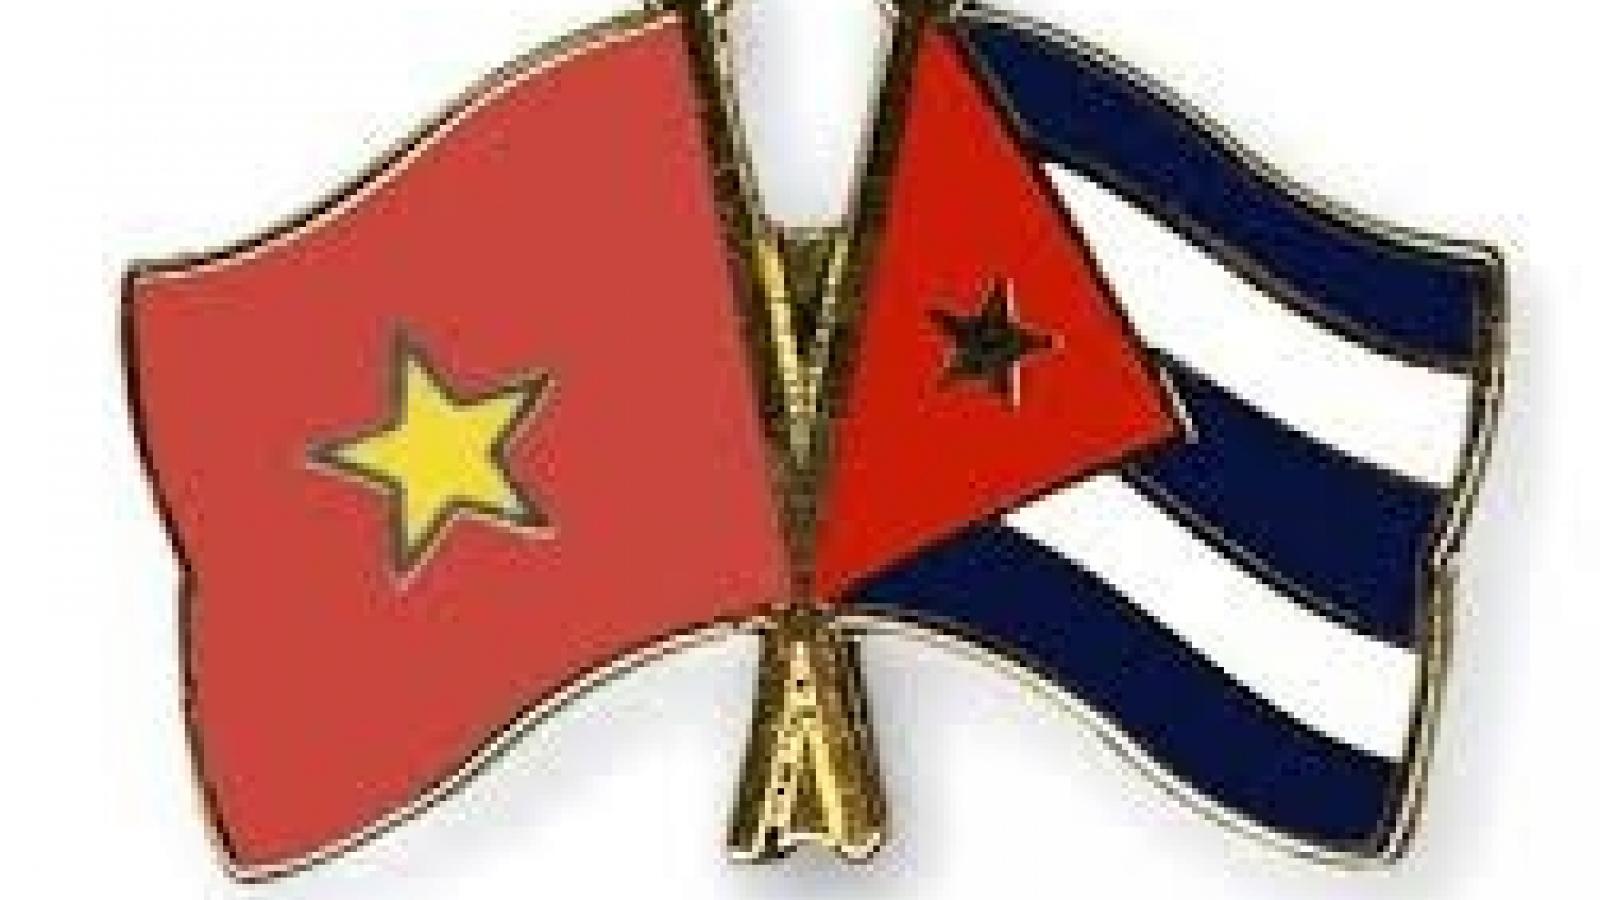 Vietnam-Cuba friendship exchange opens in Hanoi